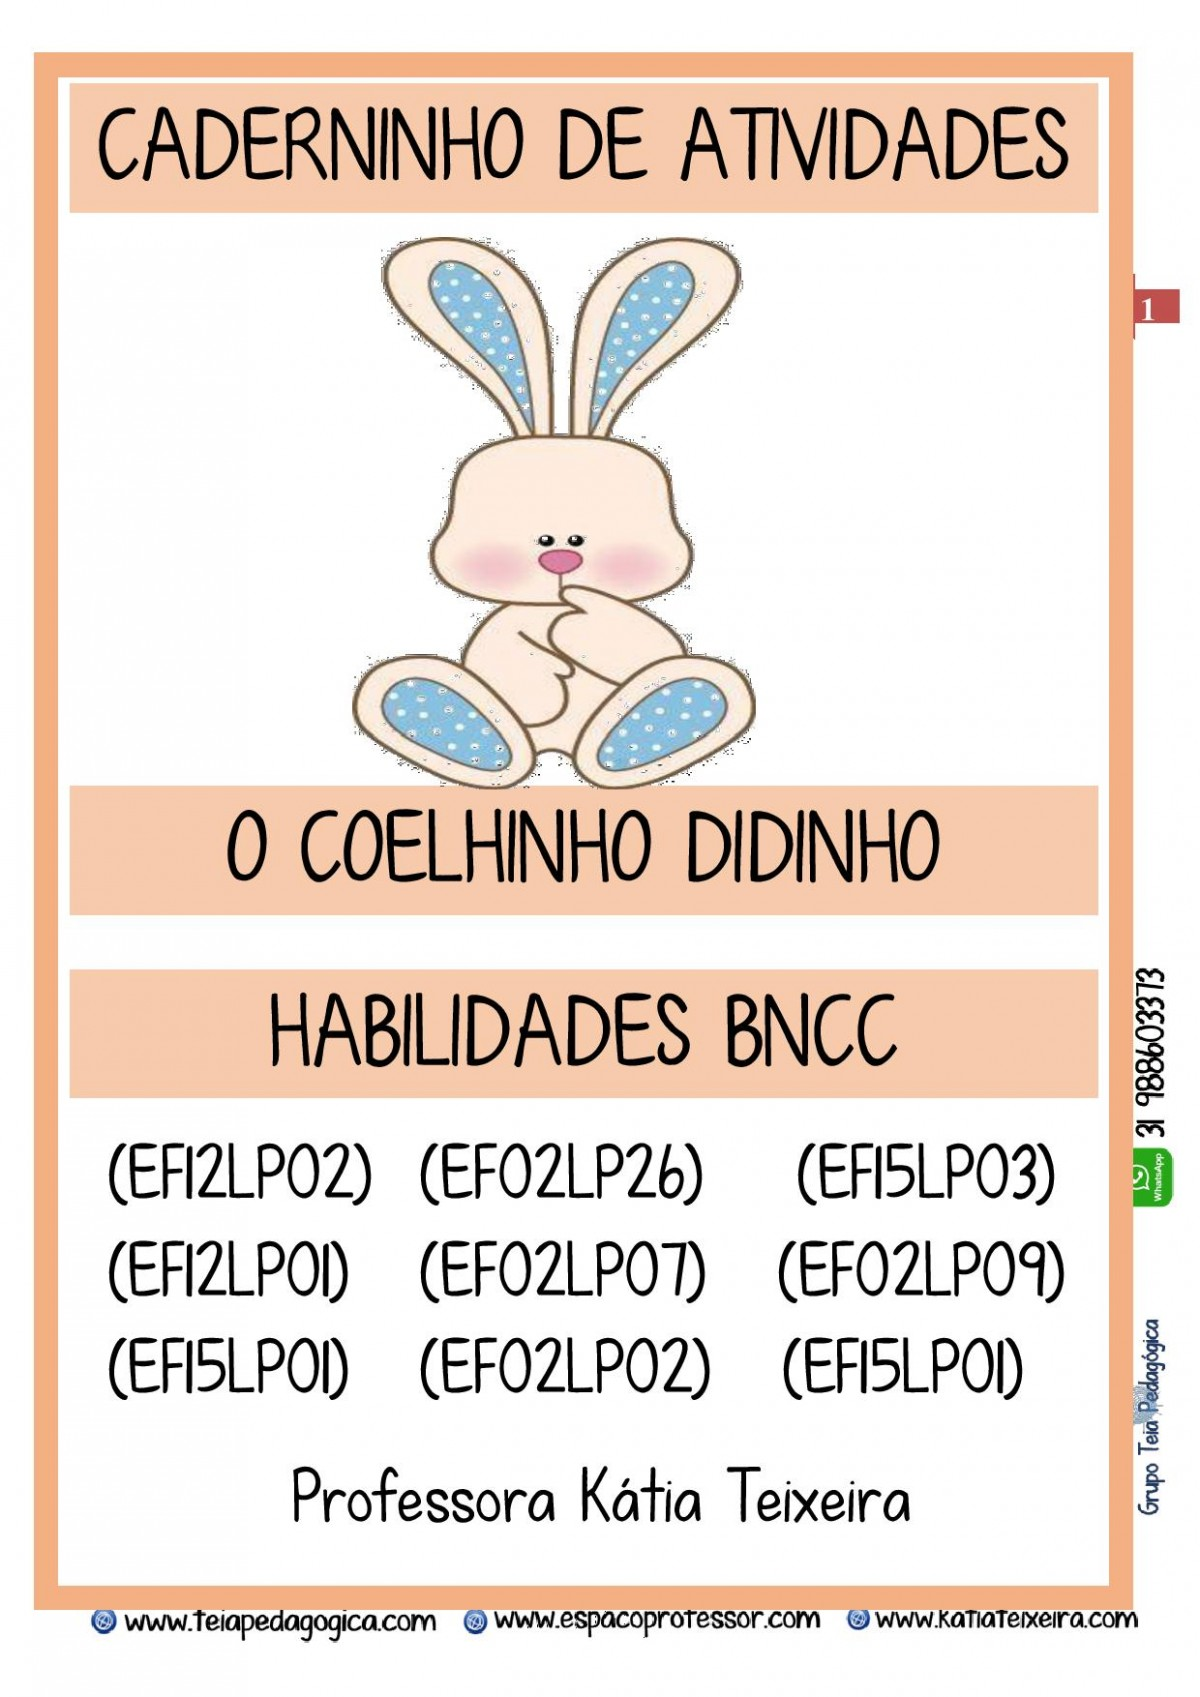 Foto 1 - Caderno o Coelho Didinho com Habilidades da BNCC + Brindes